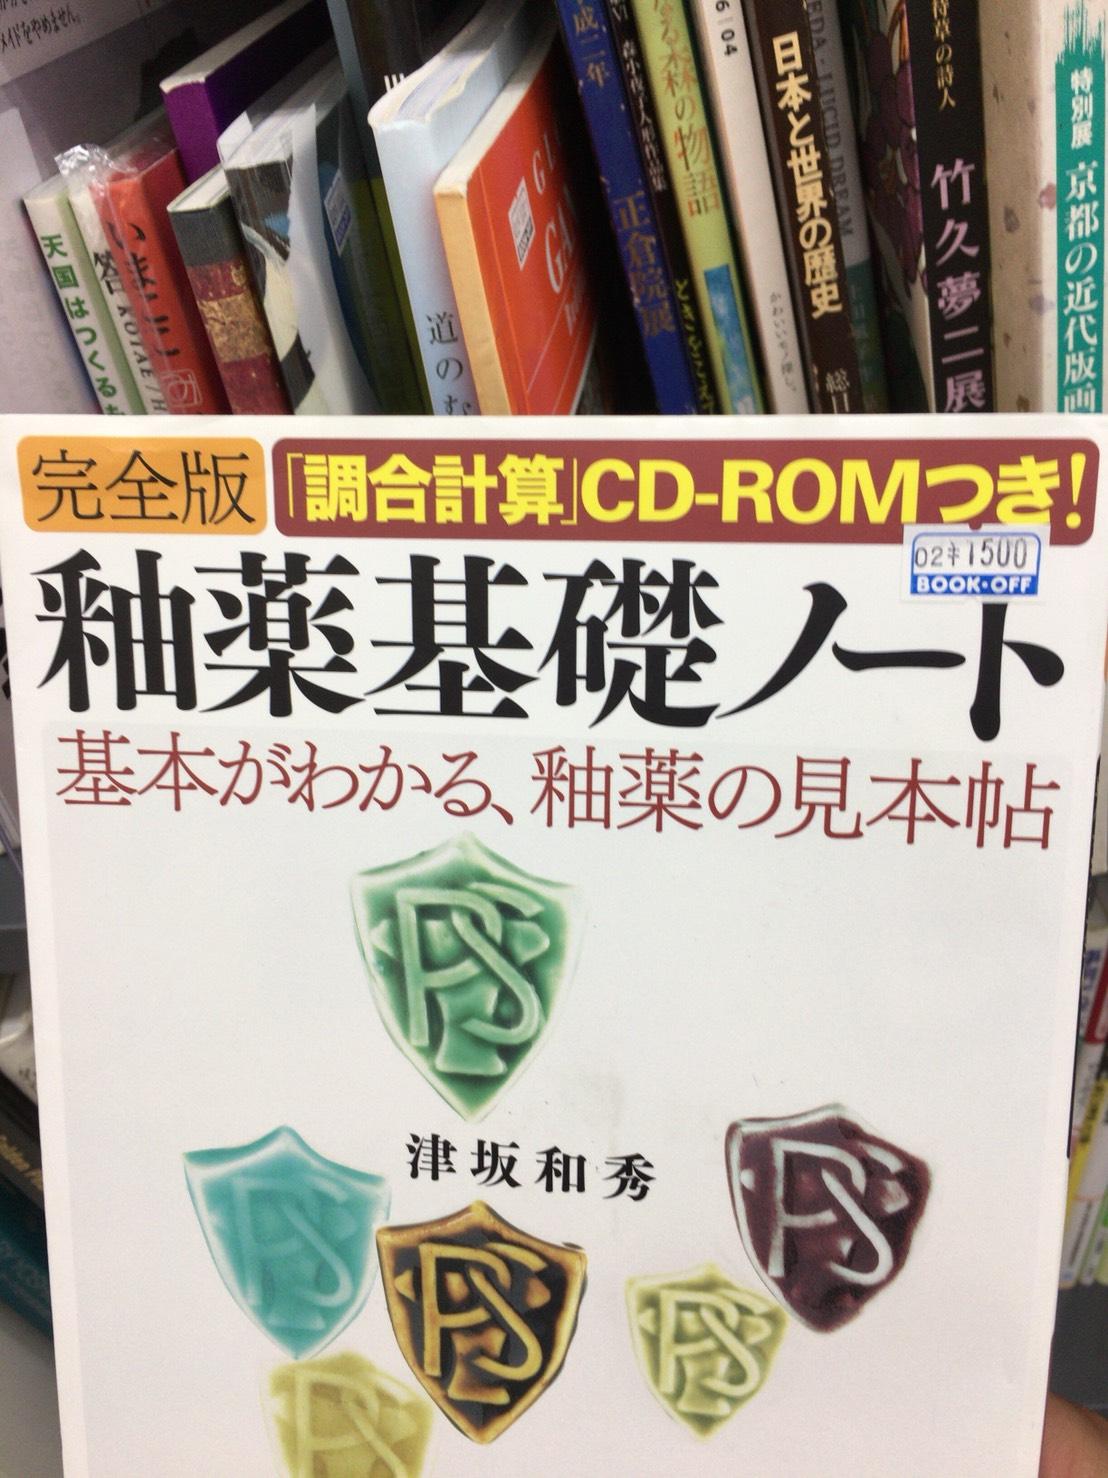 1500円→9800円とか余裕♪